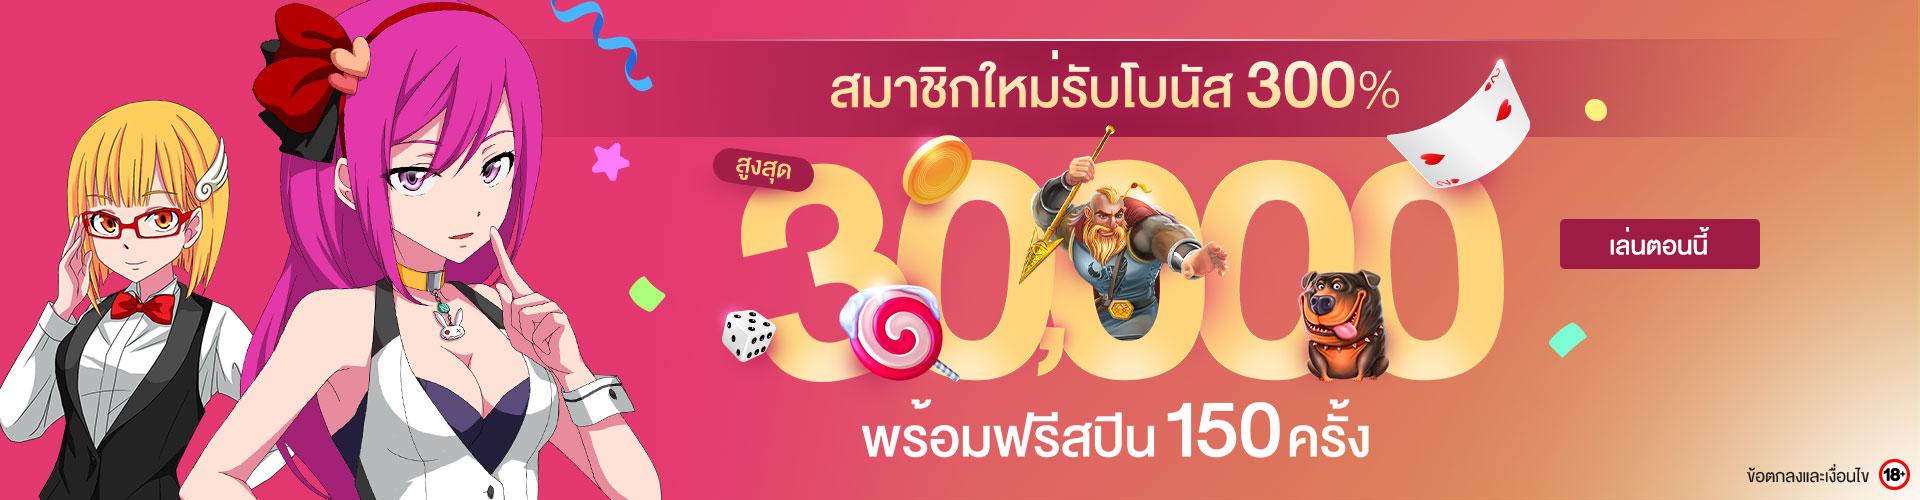 สมัครสมาชิก LuckyNiki แจกเครดิตฟรี 30000 พร้อมฟรีสปิน 150 ครั้ง